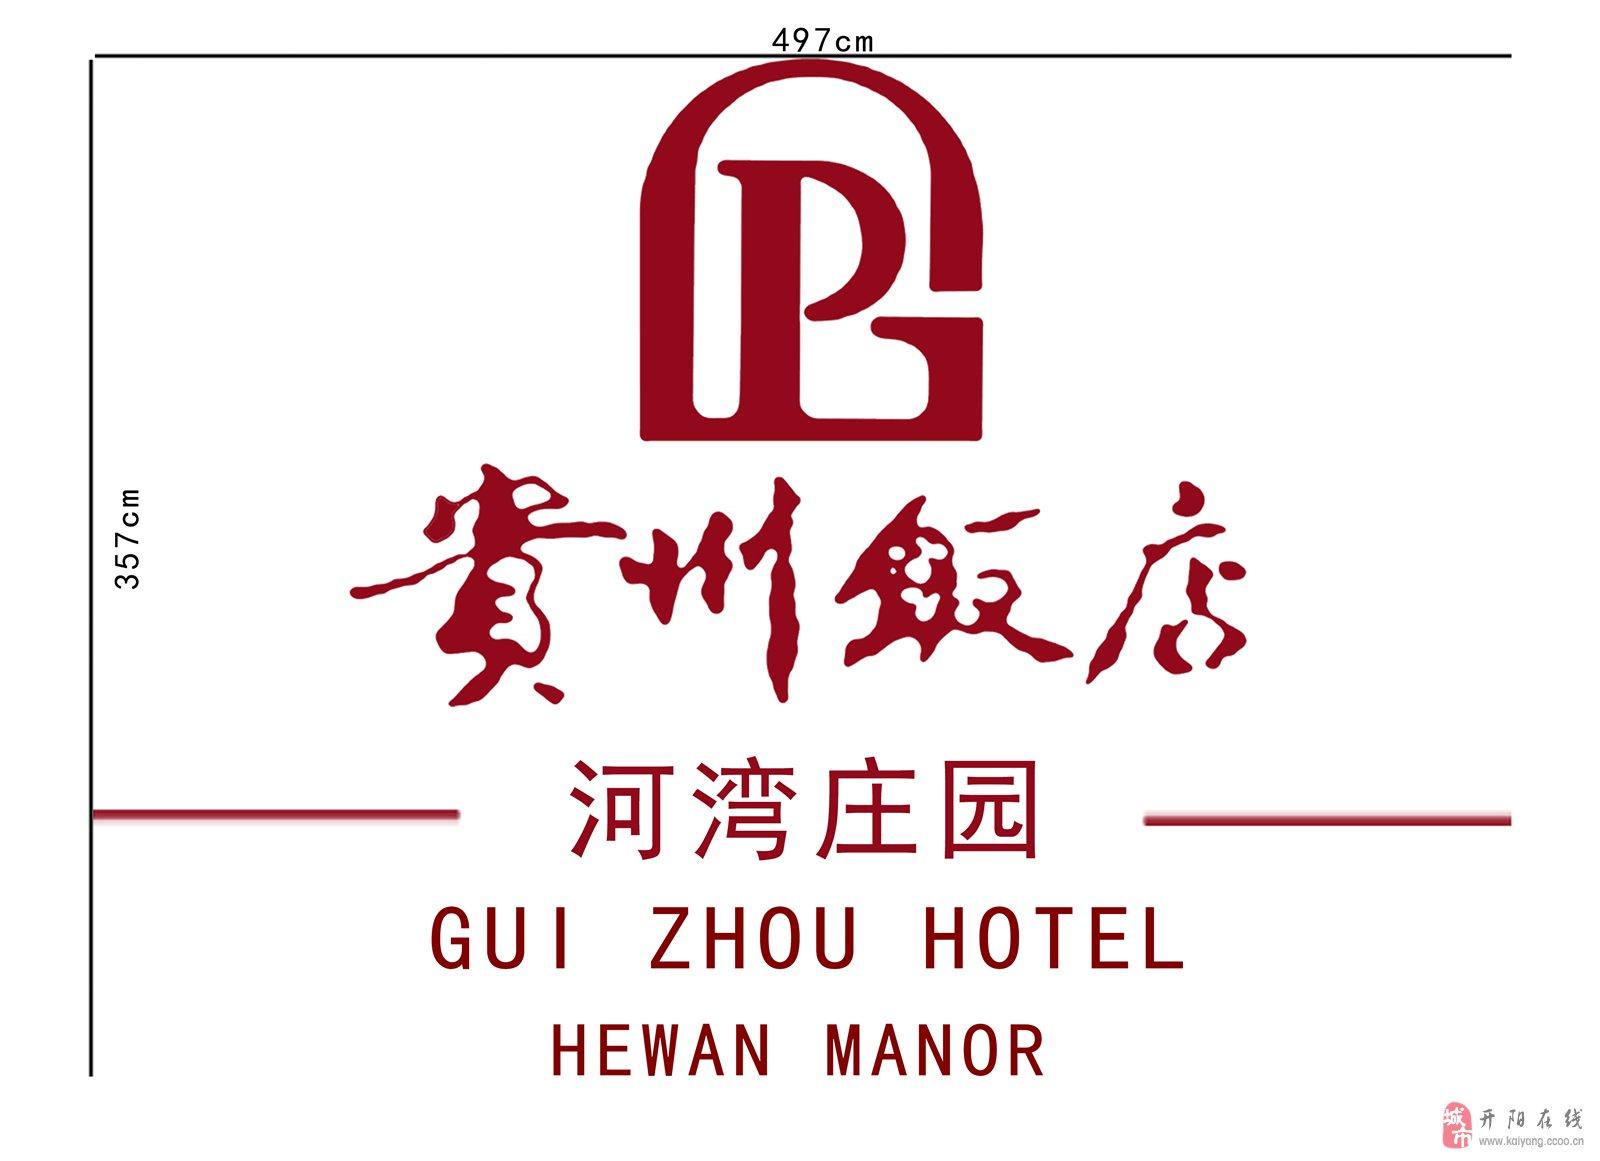 规划在十二五期间成为贵州省民族文化旅游企业的引领